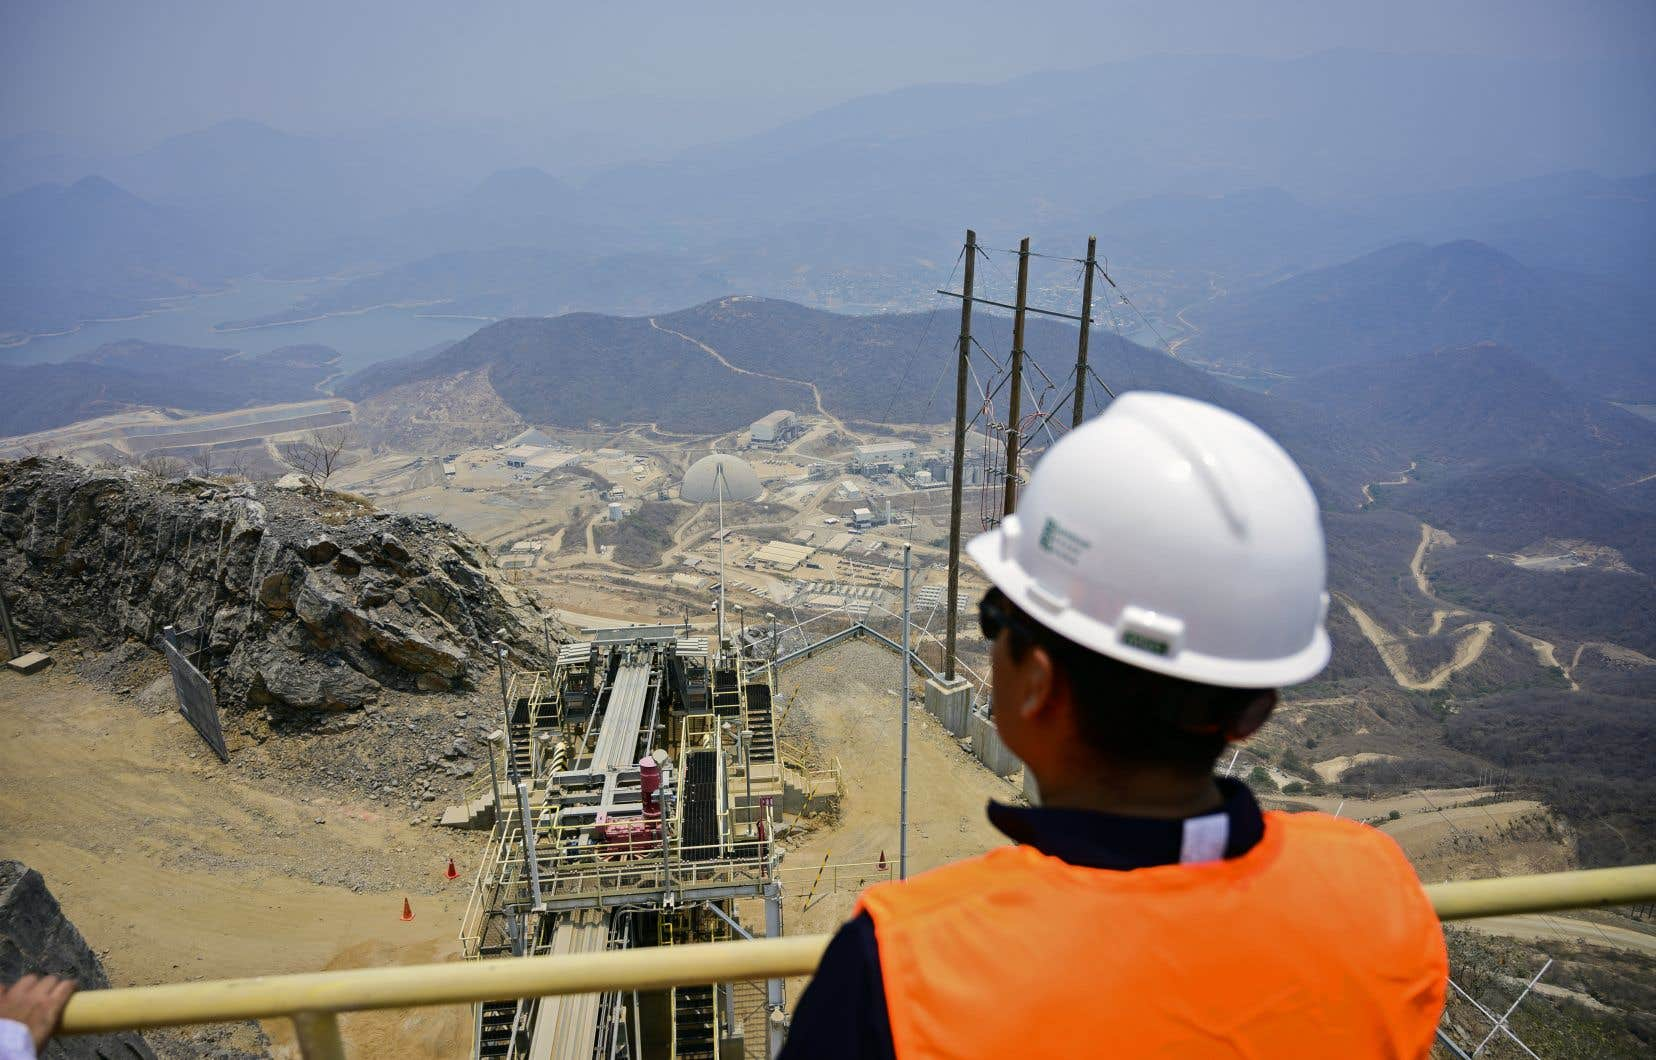 Des entreprises minières canadiennes œuvrant à l'étranger ont souvent fait l'objet de plaintes. Ici, une mine d'or exploitée par une société canadienne à Cocula, au Mexique.